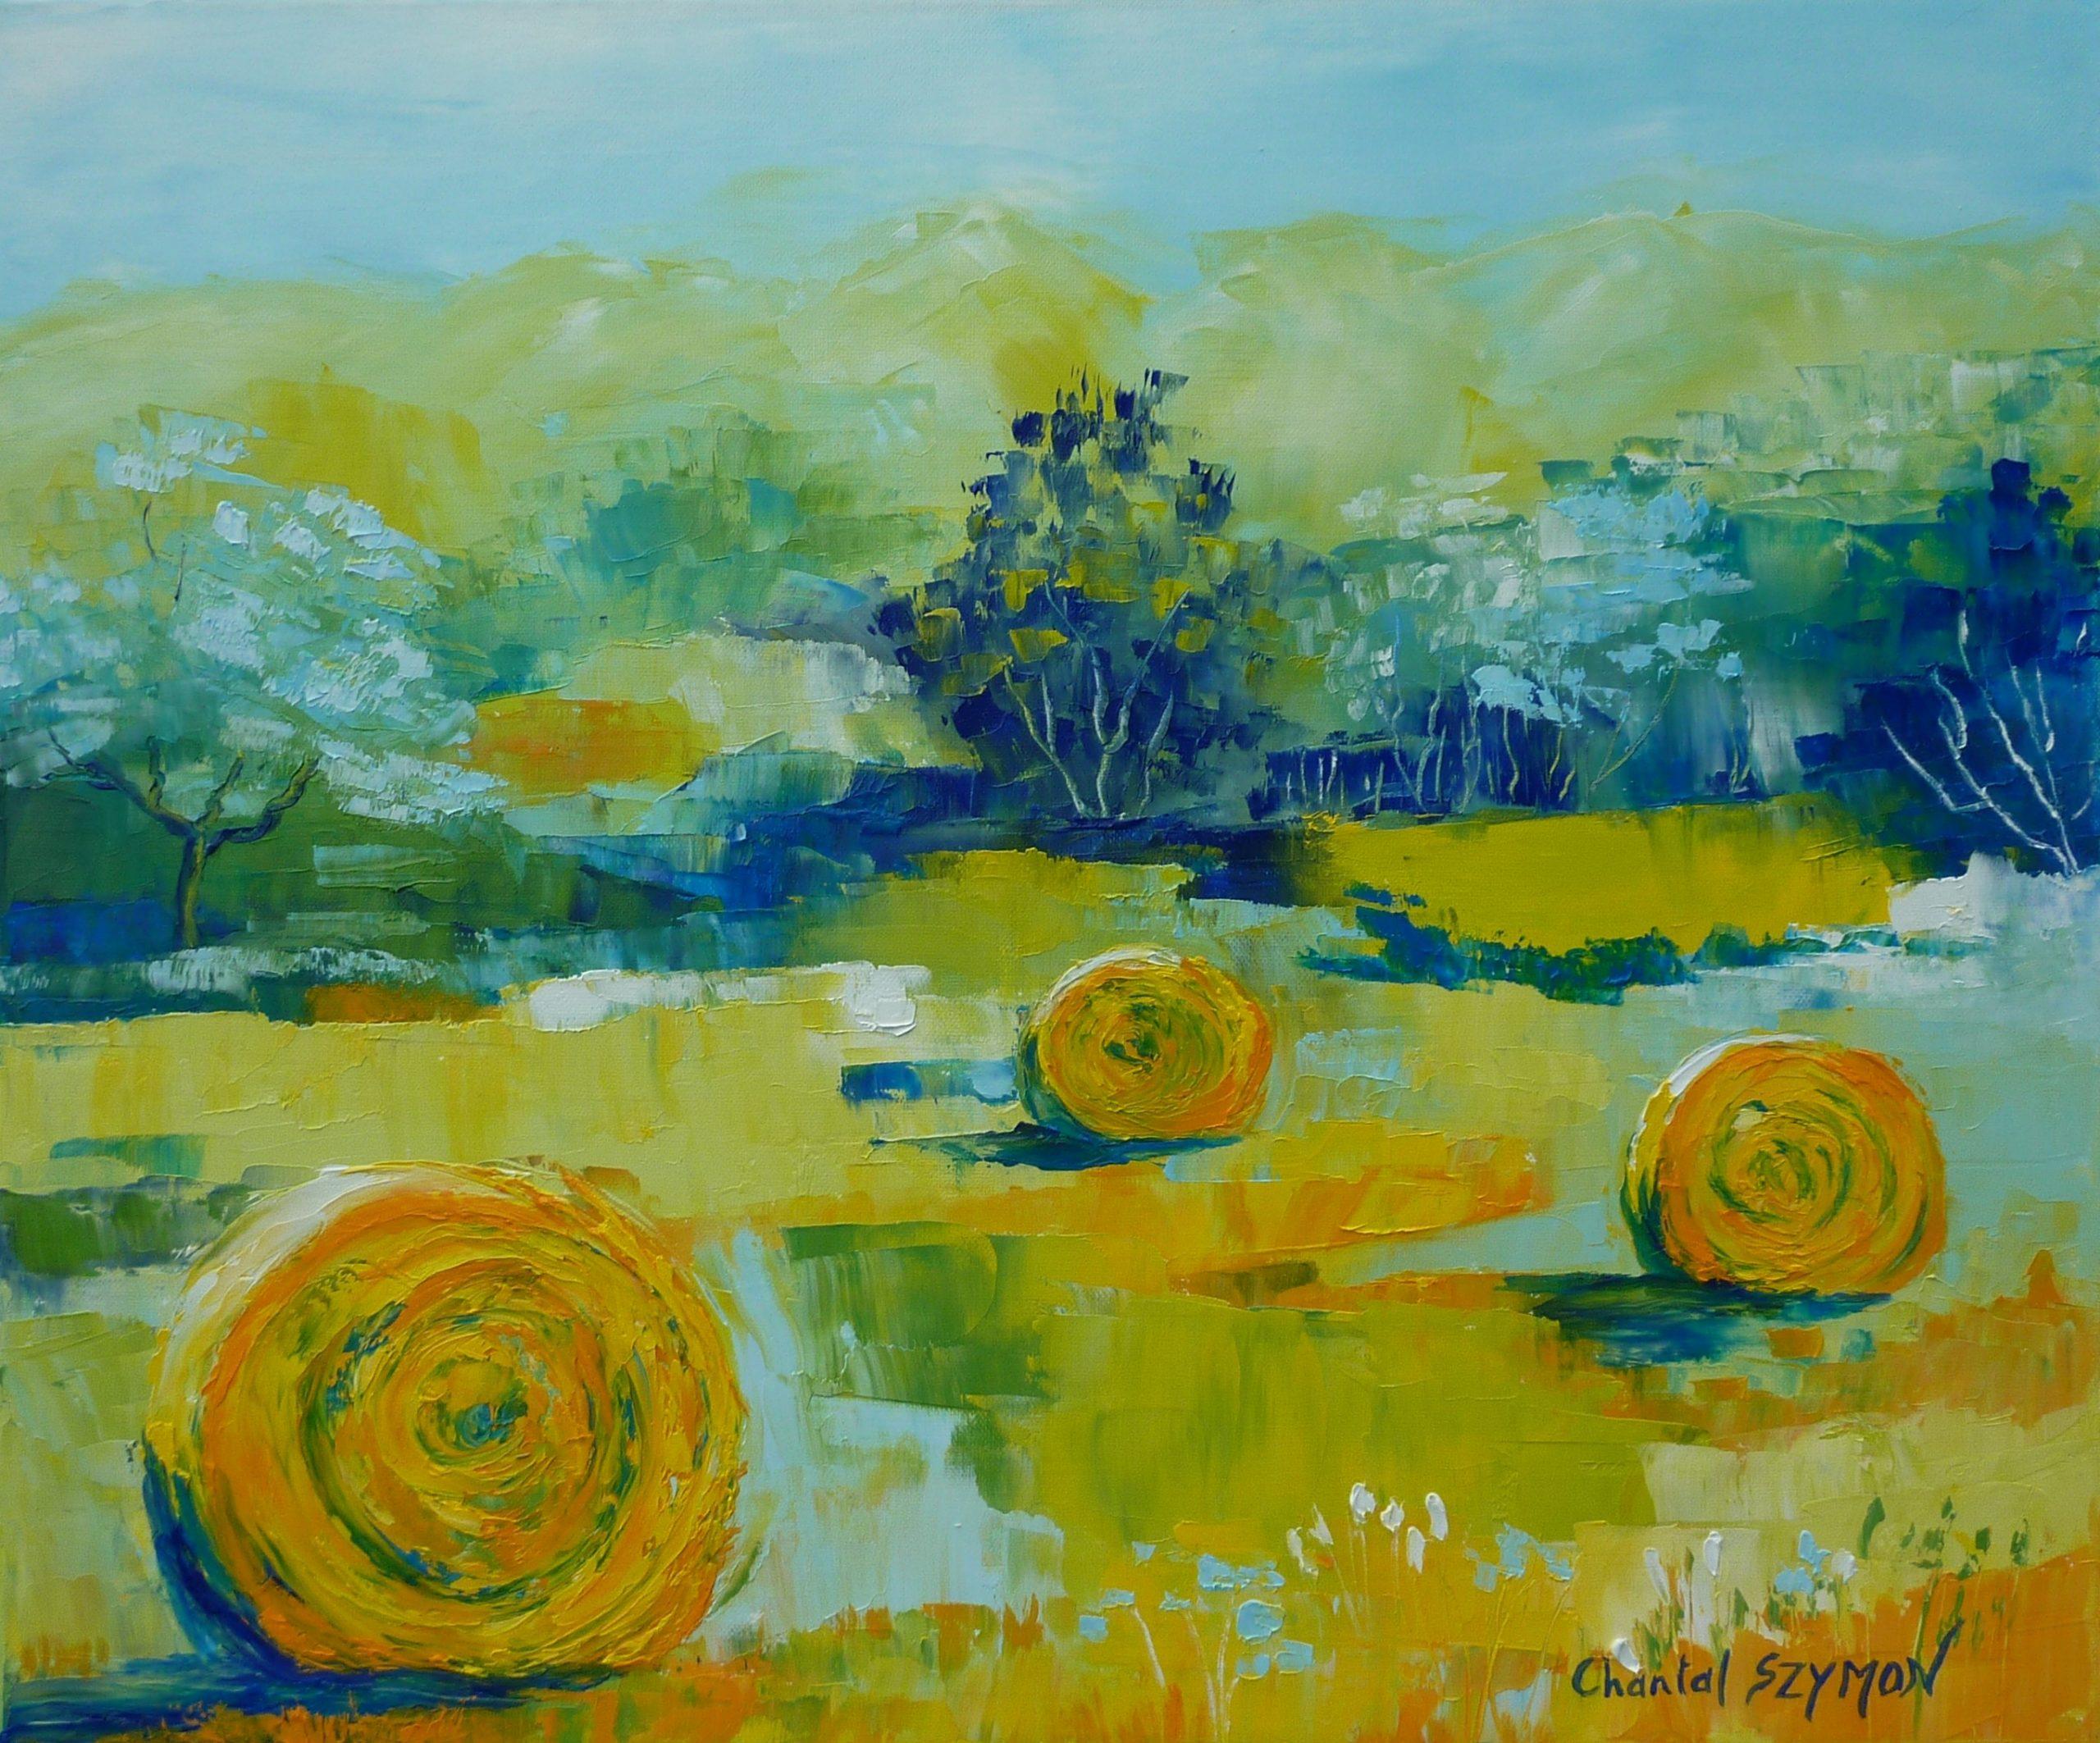 peinture campagne balle de foin campagne récolte artiste chantal szymoniak chantal geyer peinture moisson peinture a l huile paysage paysage de campagne